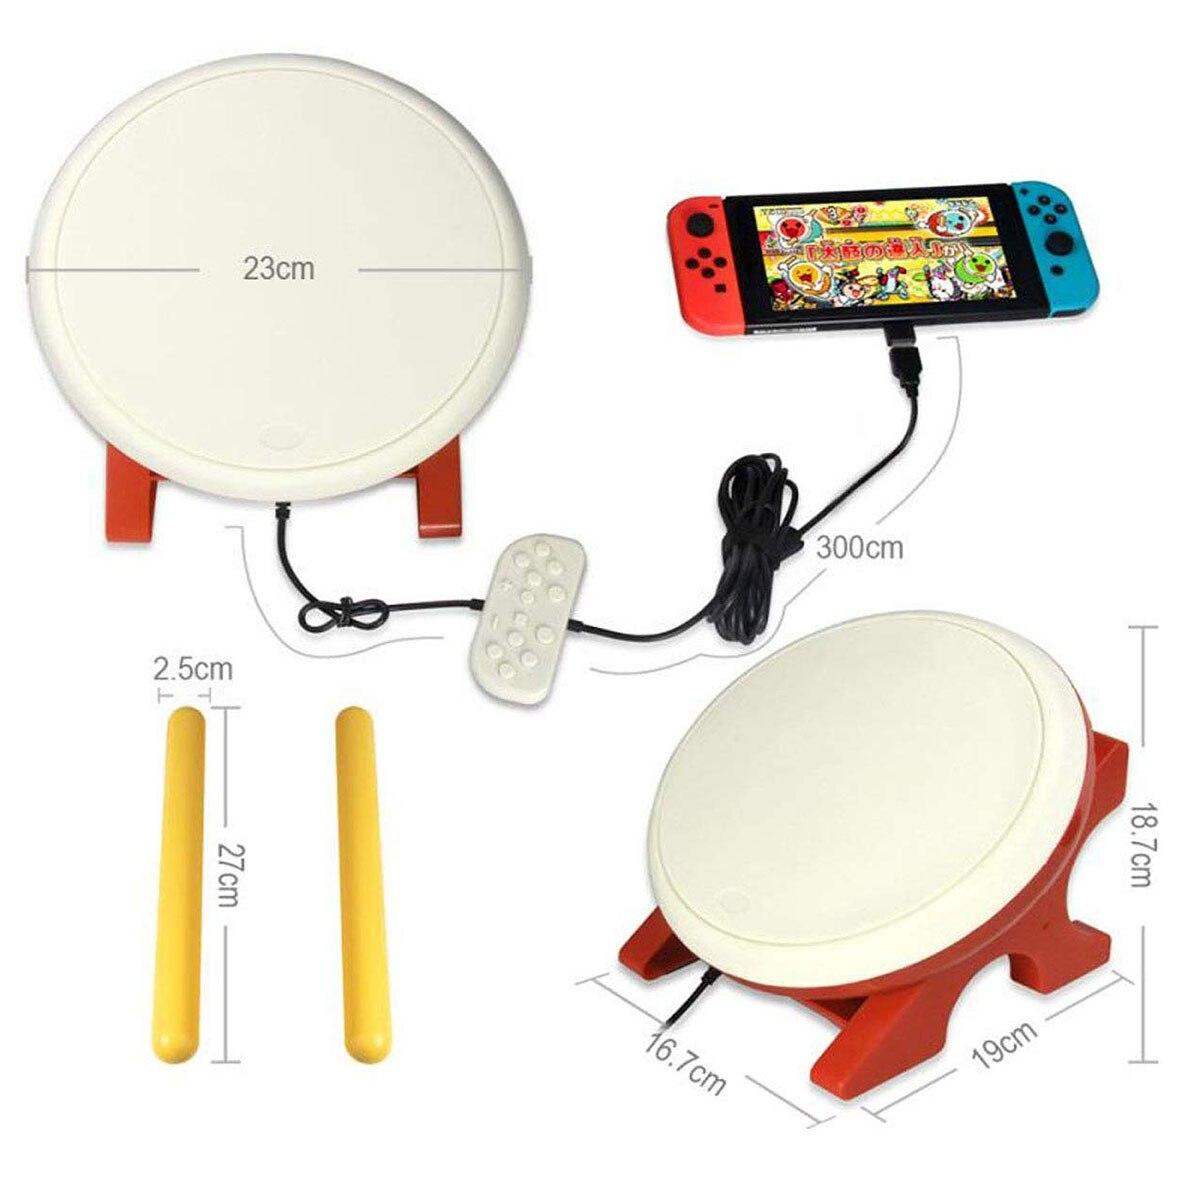 Pour batterie Taiko Compatible avec n-switch, contrôleur de batterie Taiko baguettes de batterie accessoires de jeux vidéo compatibles avec Nintendo Swi